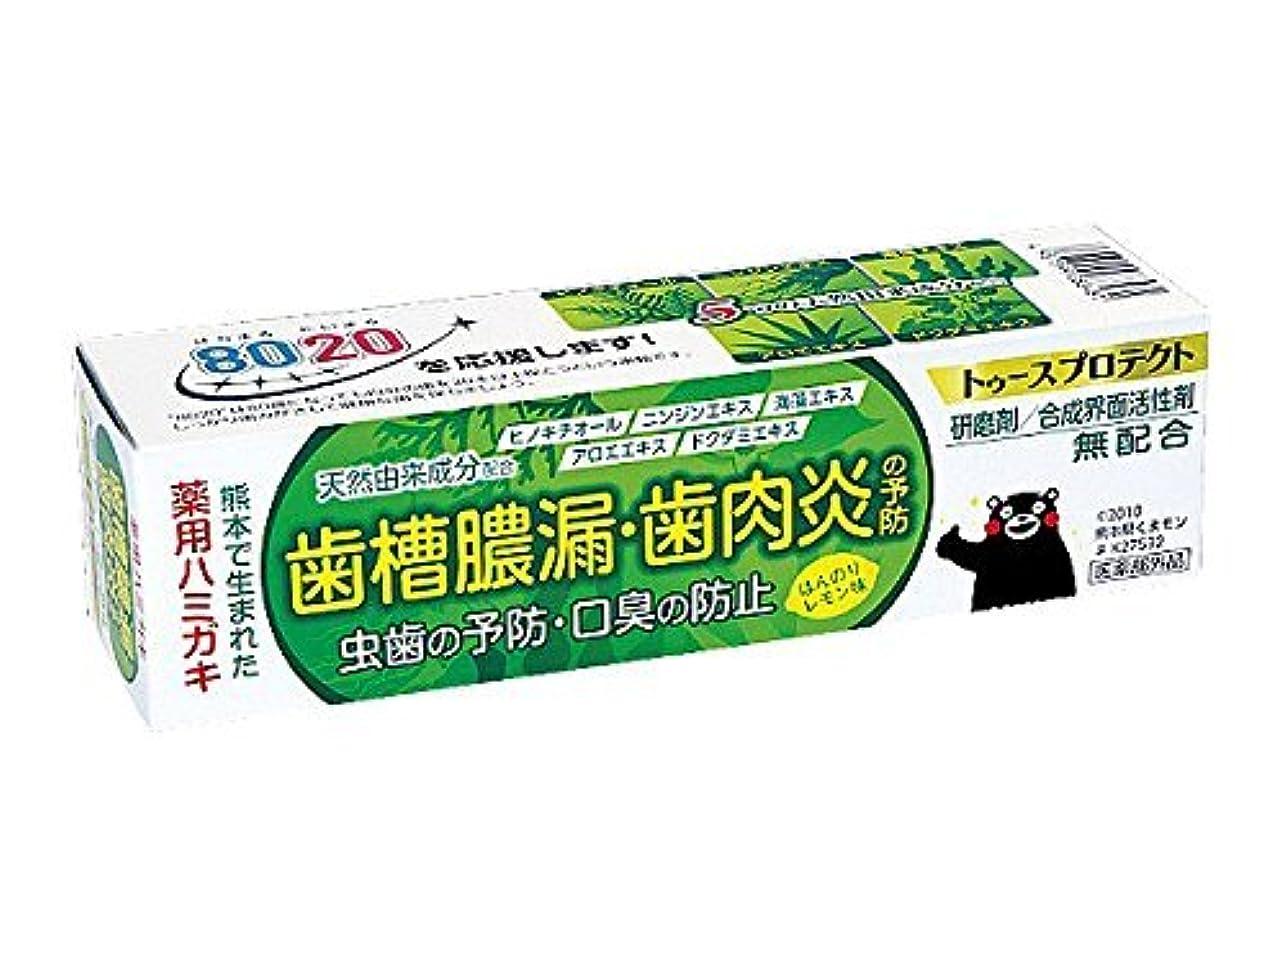 敏感なテレビレンチ【5個セット】 薬用ハミガキ トゥースプロテクト ほんのりレモン味 100g×5個セット